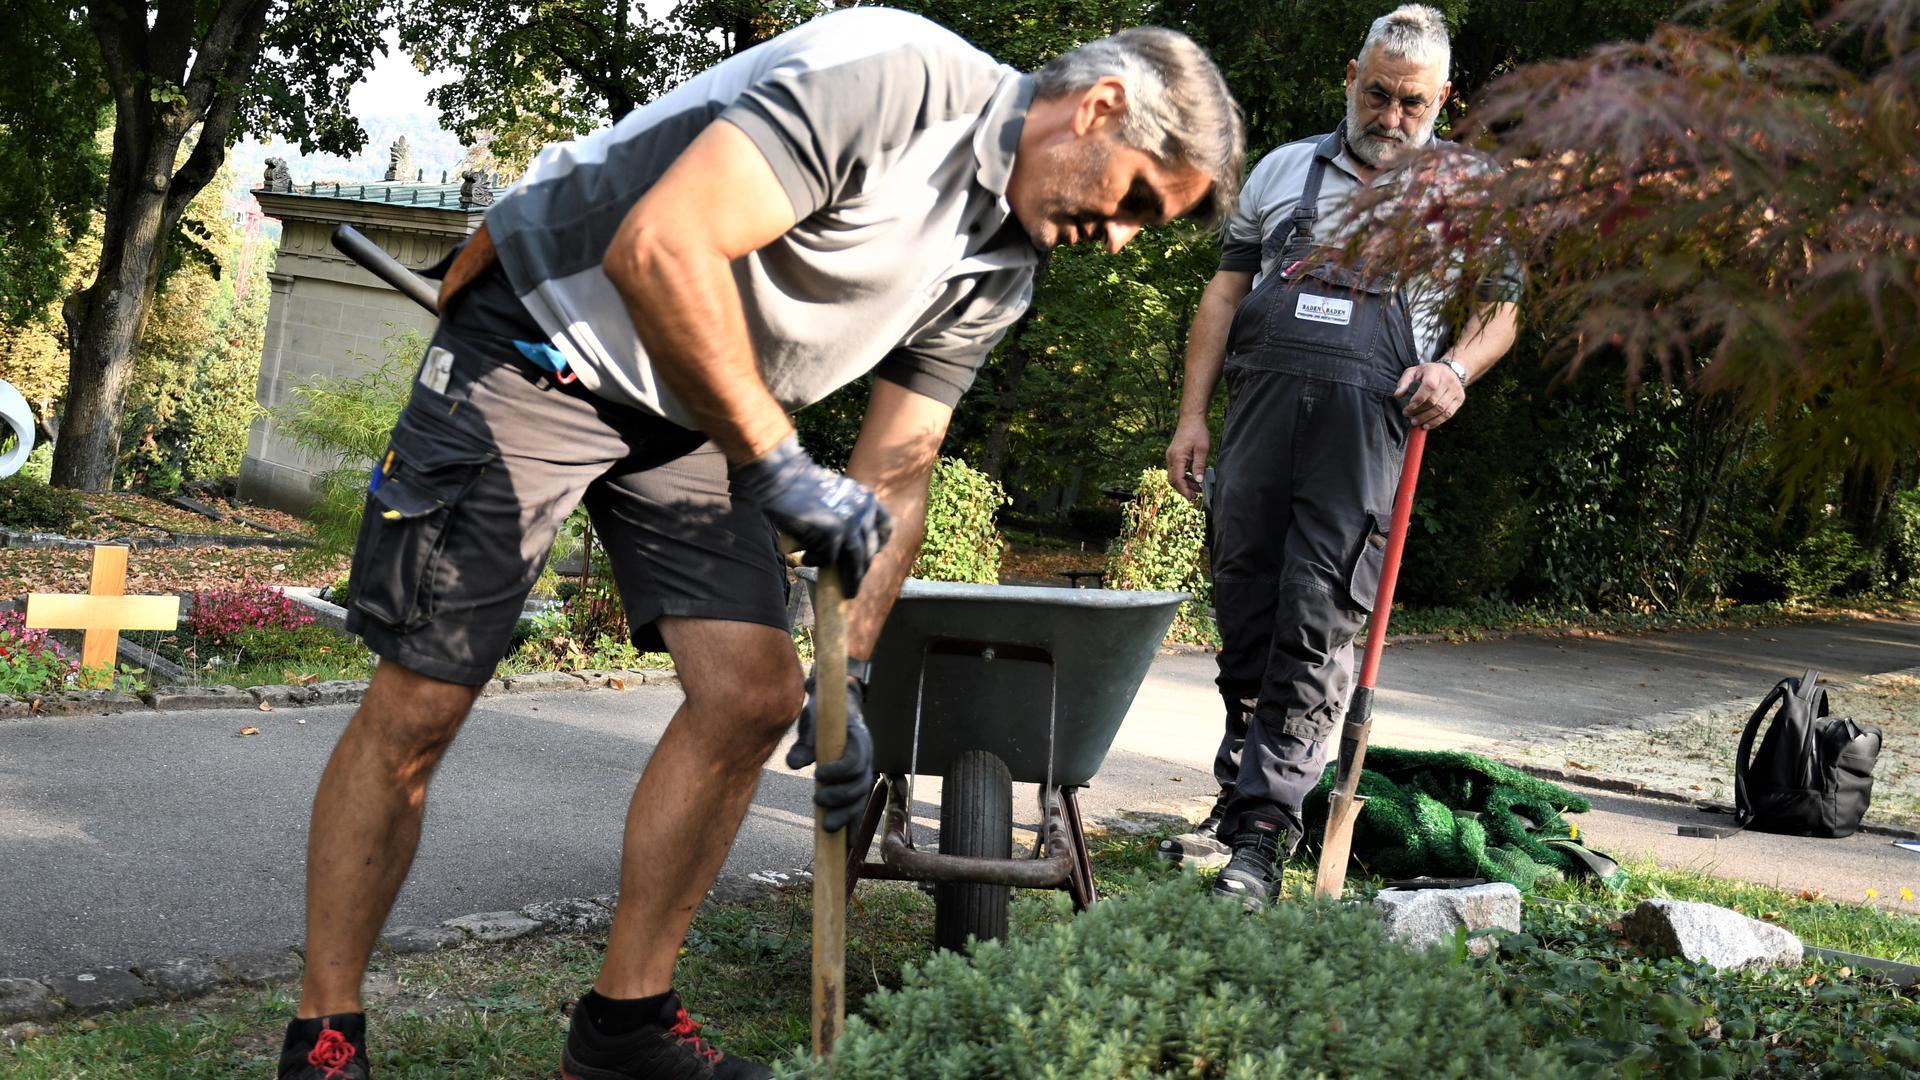 Ein Mann gräbt mit einer Schaufel ein Loch für ein Urnengrab aus.